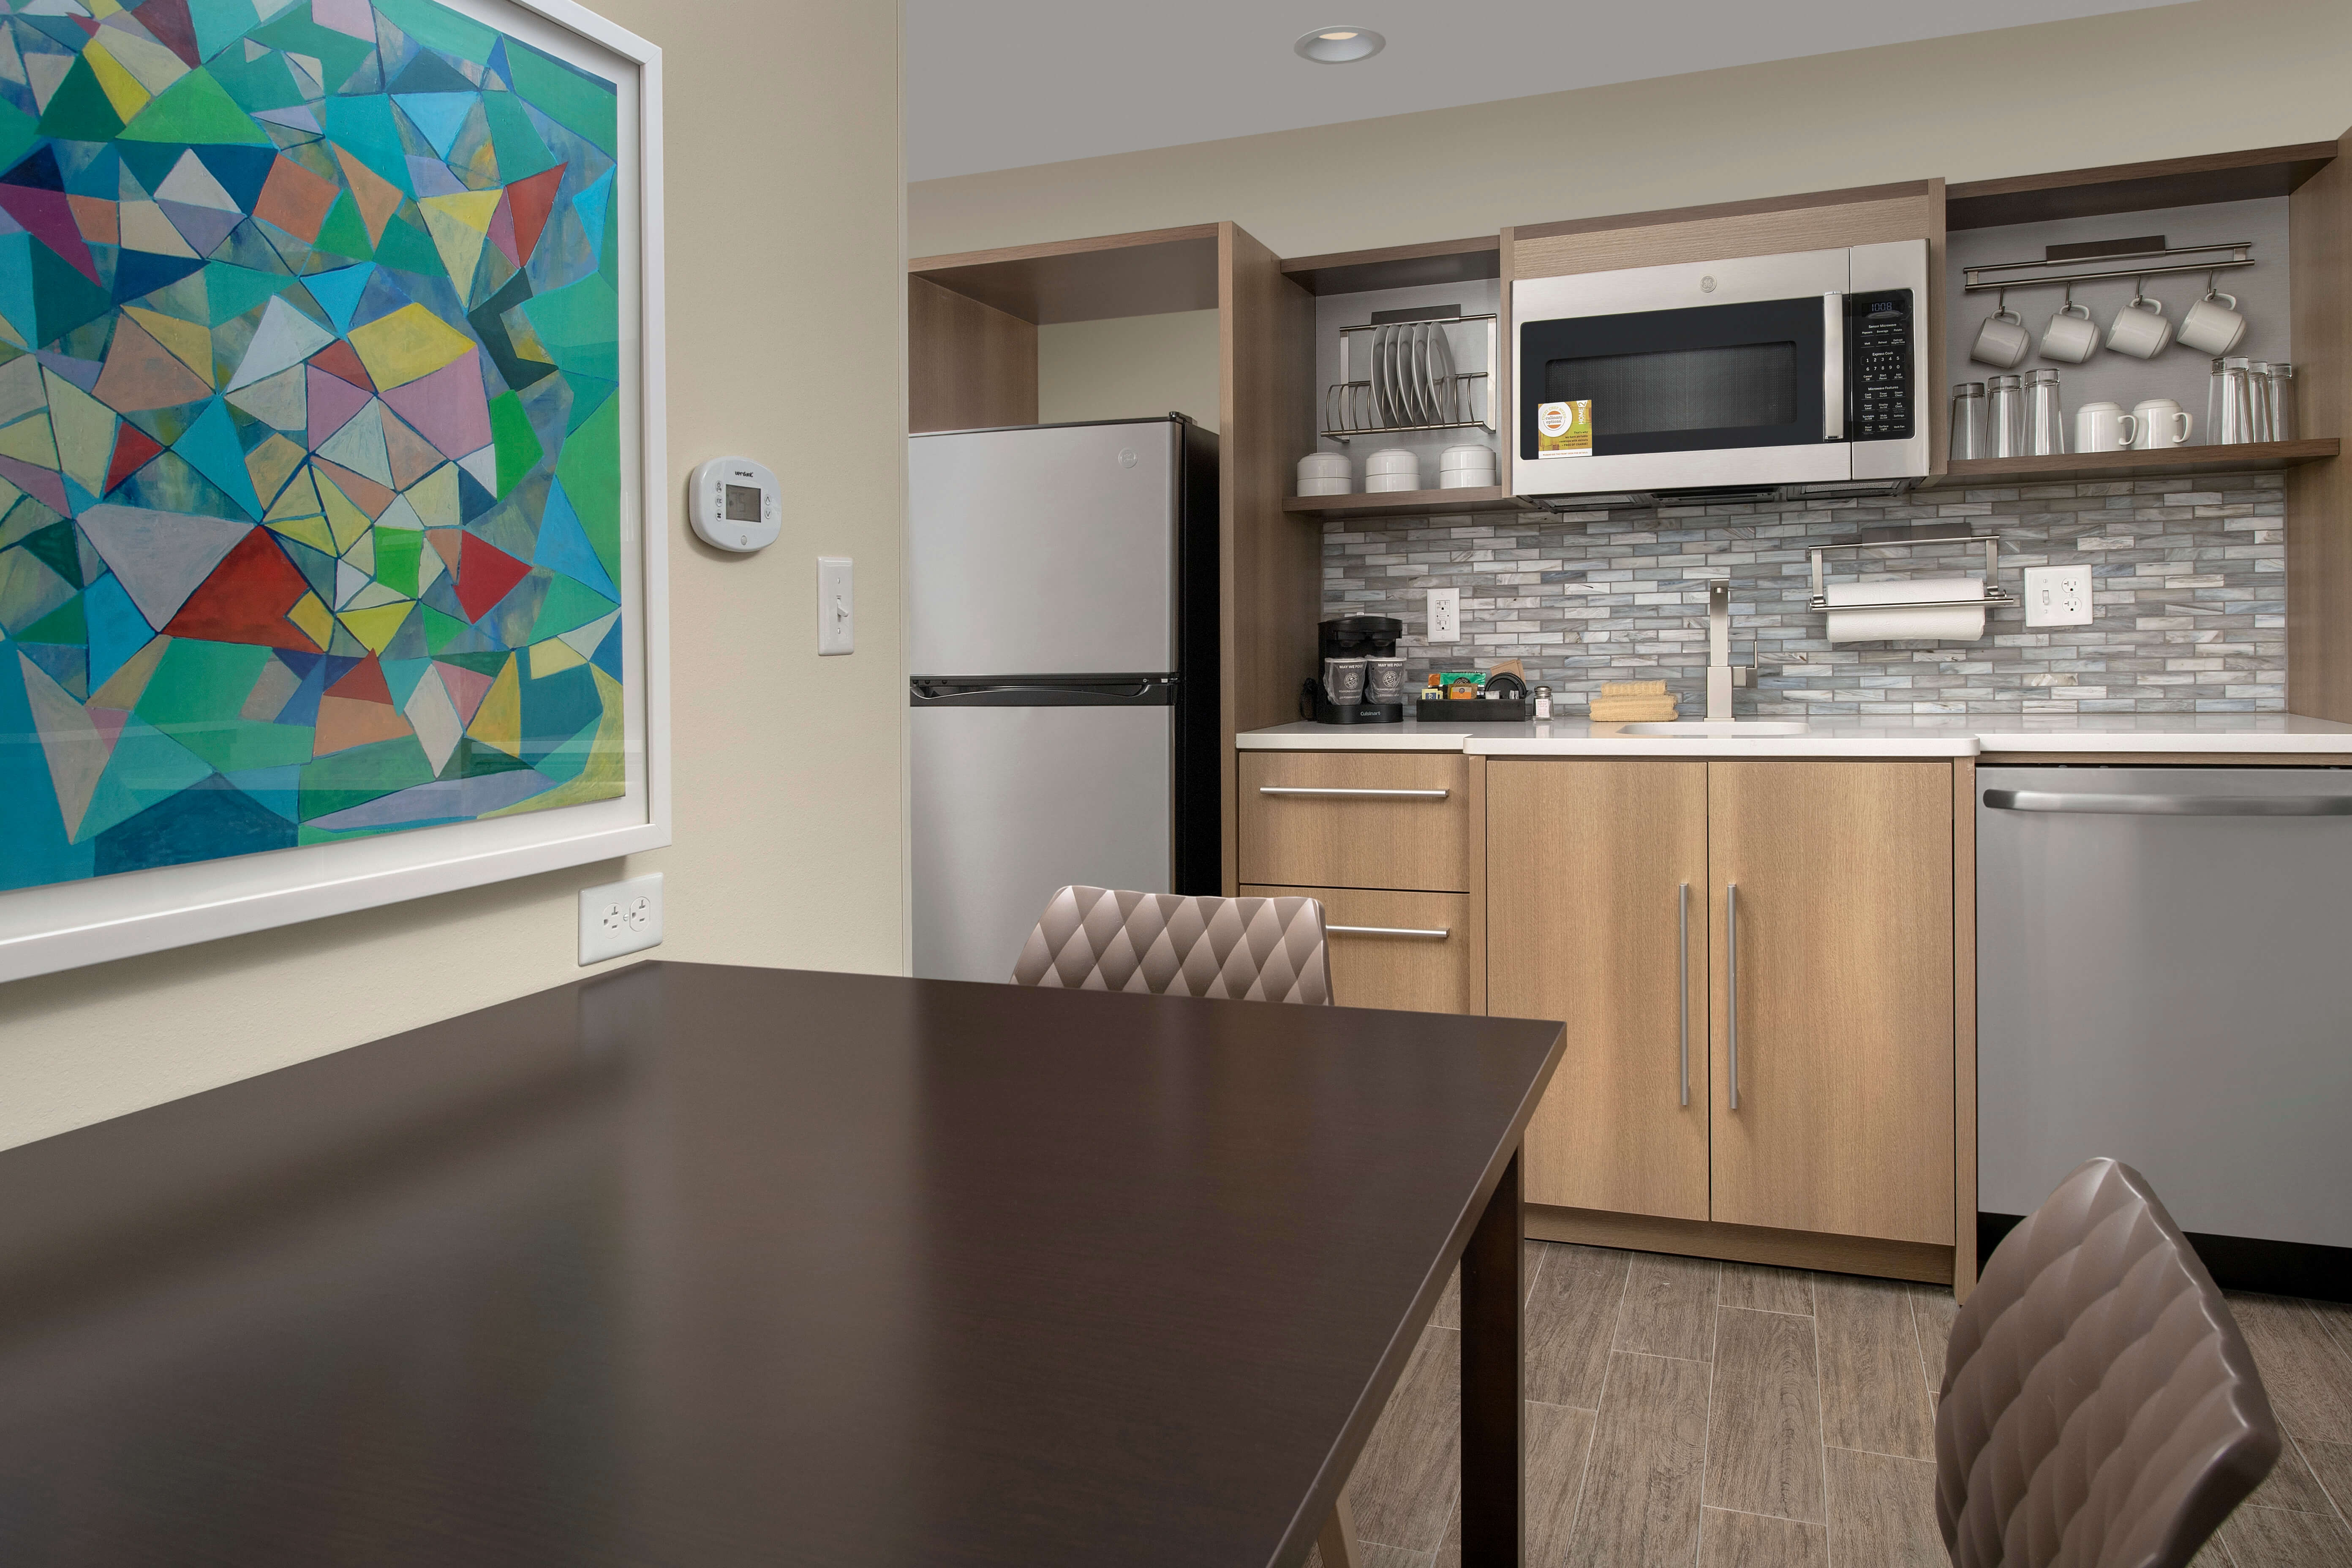 Home2 Suites by Hilton Edison, NJ